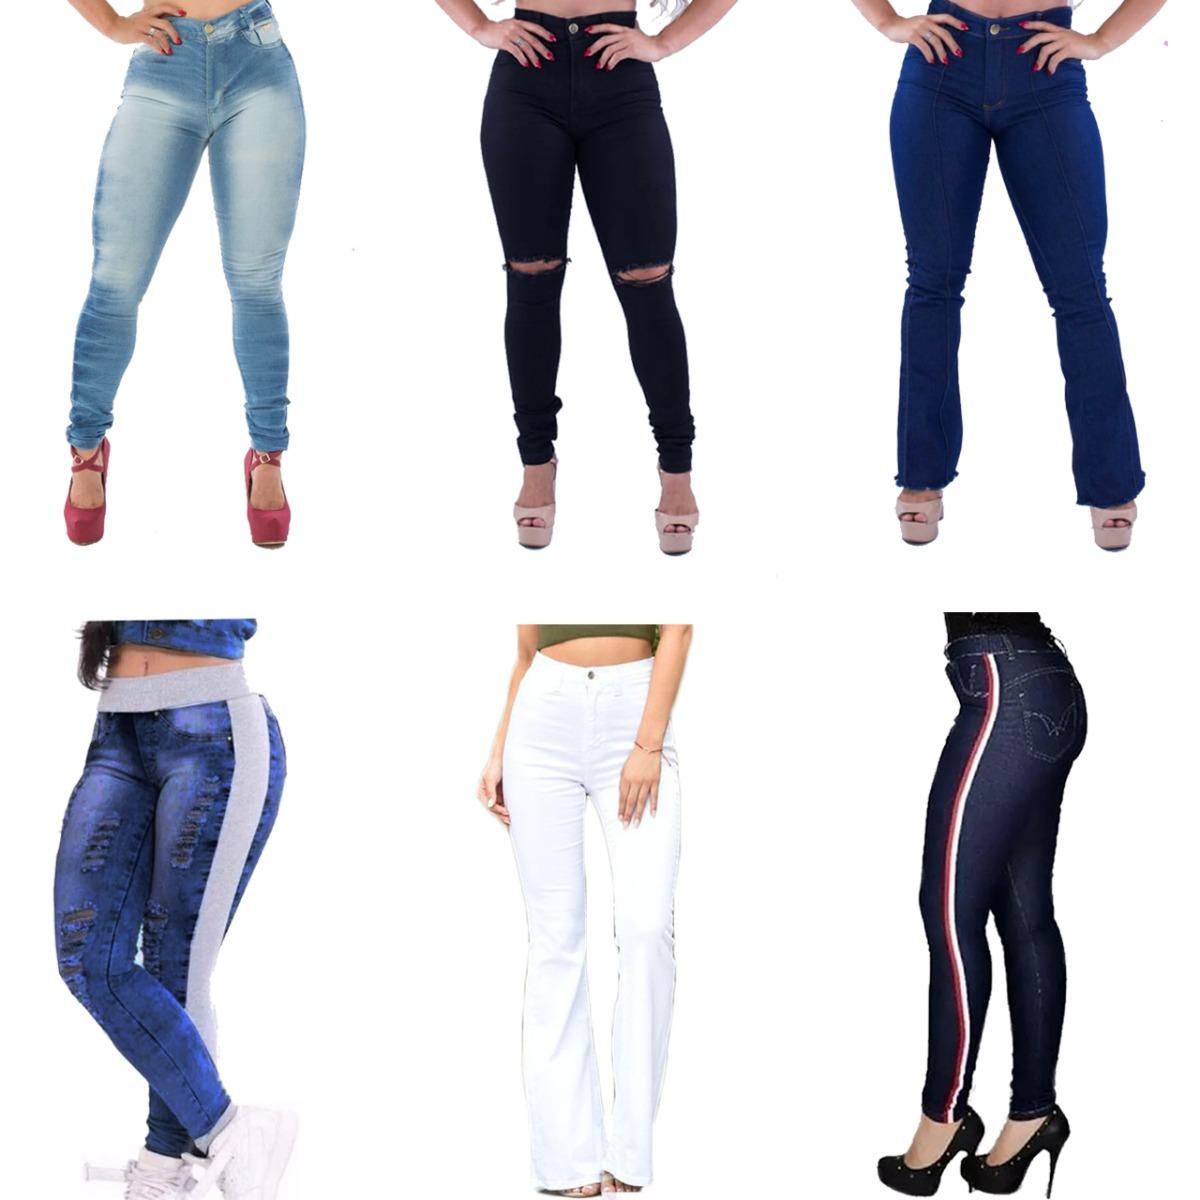 4bfd2d9fc5 kit 3 calça jeans feminino cós alto flare skinny promoção. Carregando zoom.